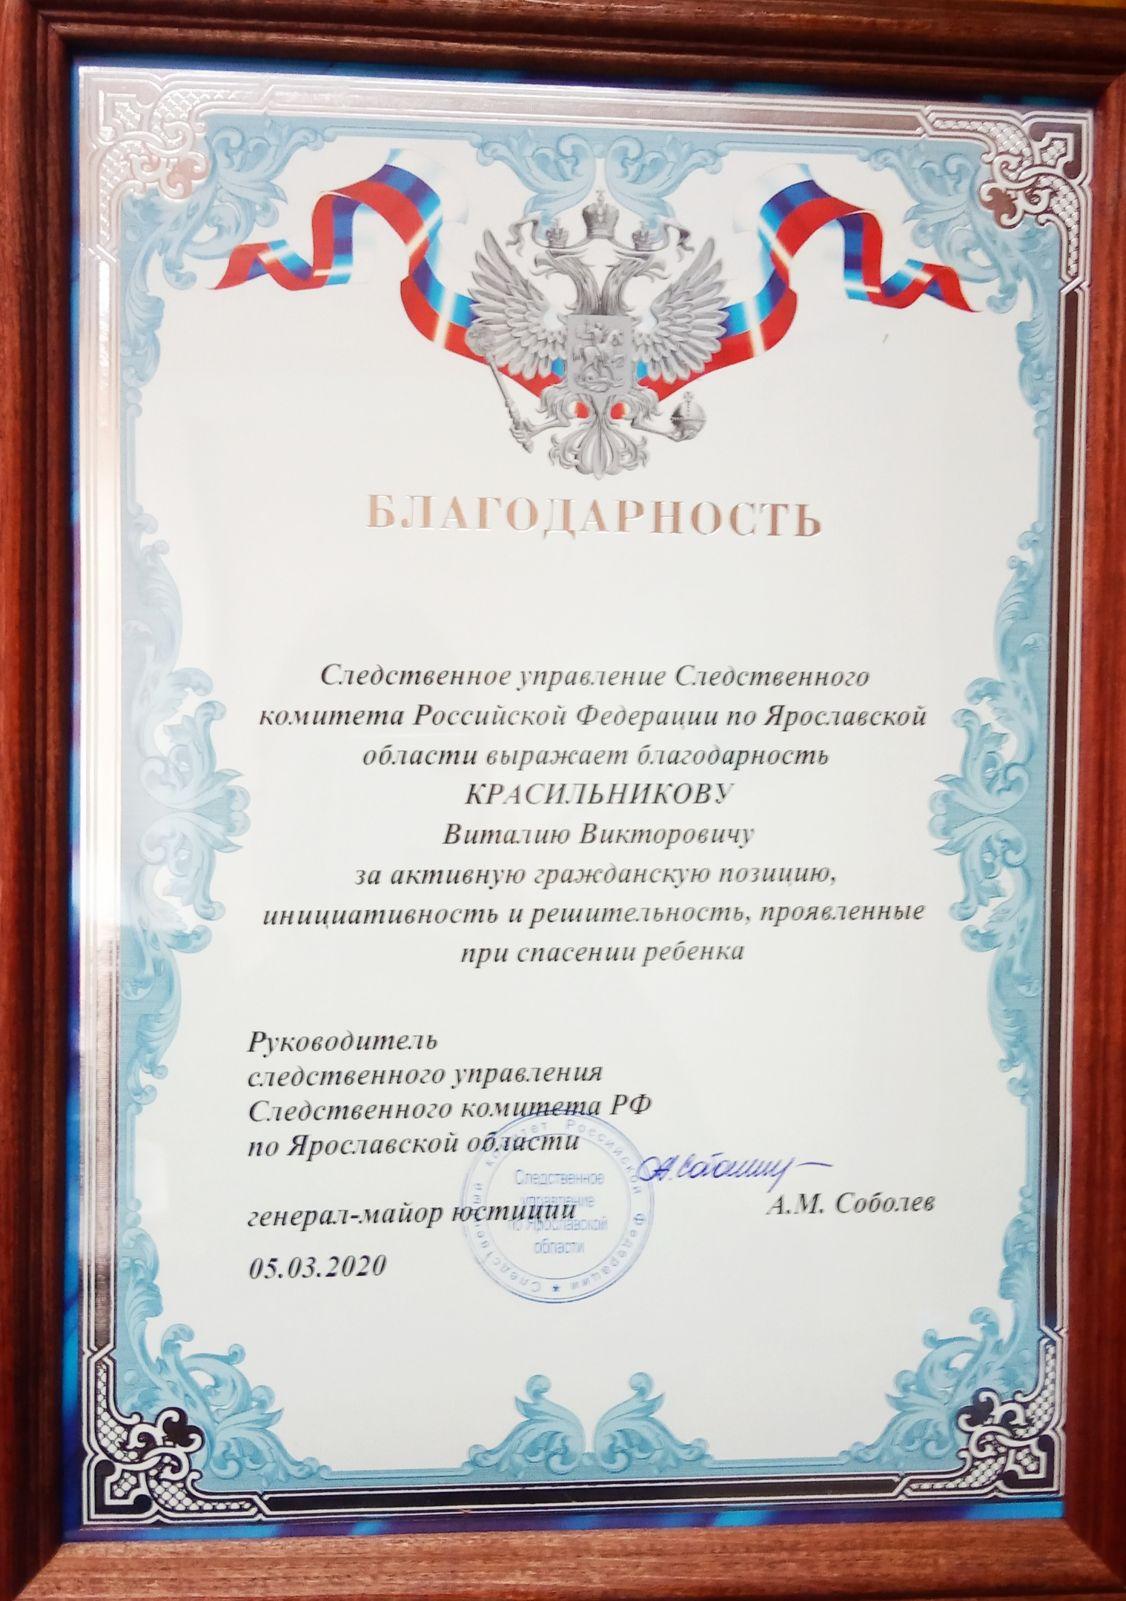 В Ярославле вручили благодарность таксисту, который помог попавшим в ДТП маме с грудничком